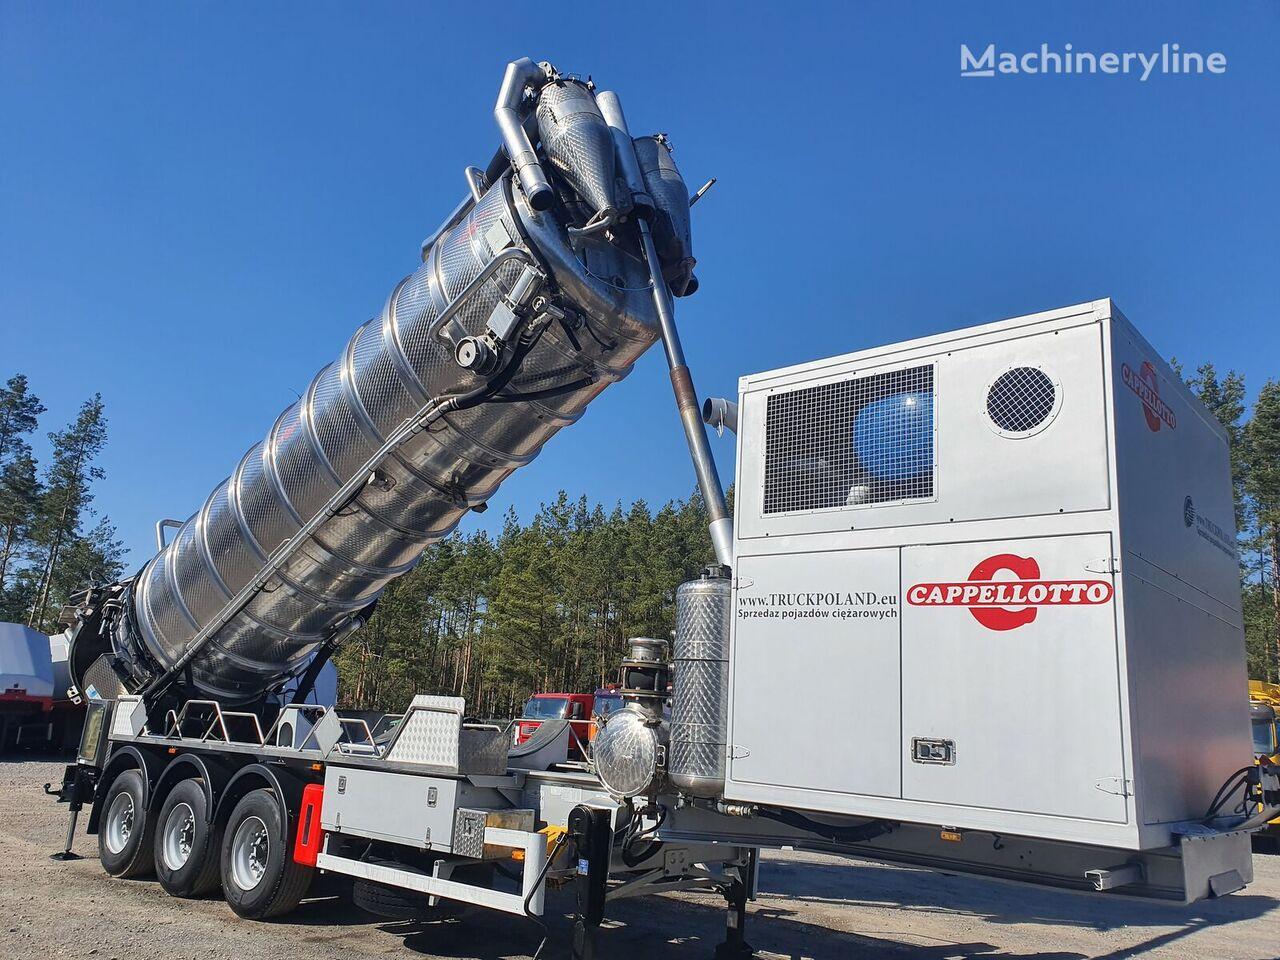 SCANIA CAPPELLOTTO CAP 2500  ADR Specjalistyczna autocysterna do przewo combinado para limpieza de alcantarillado